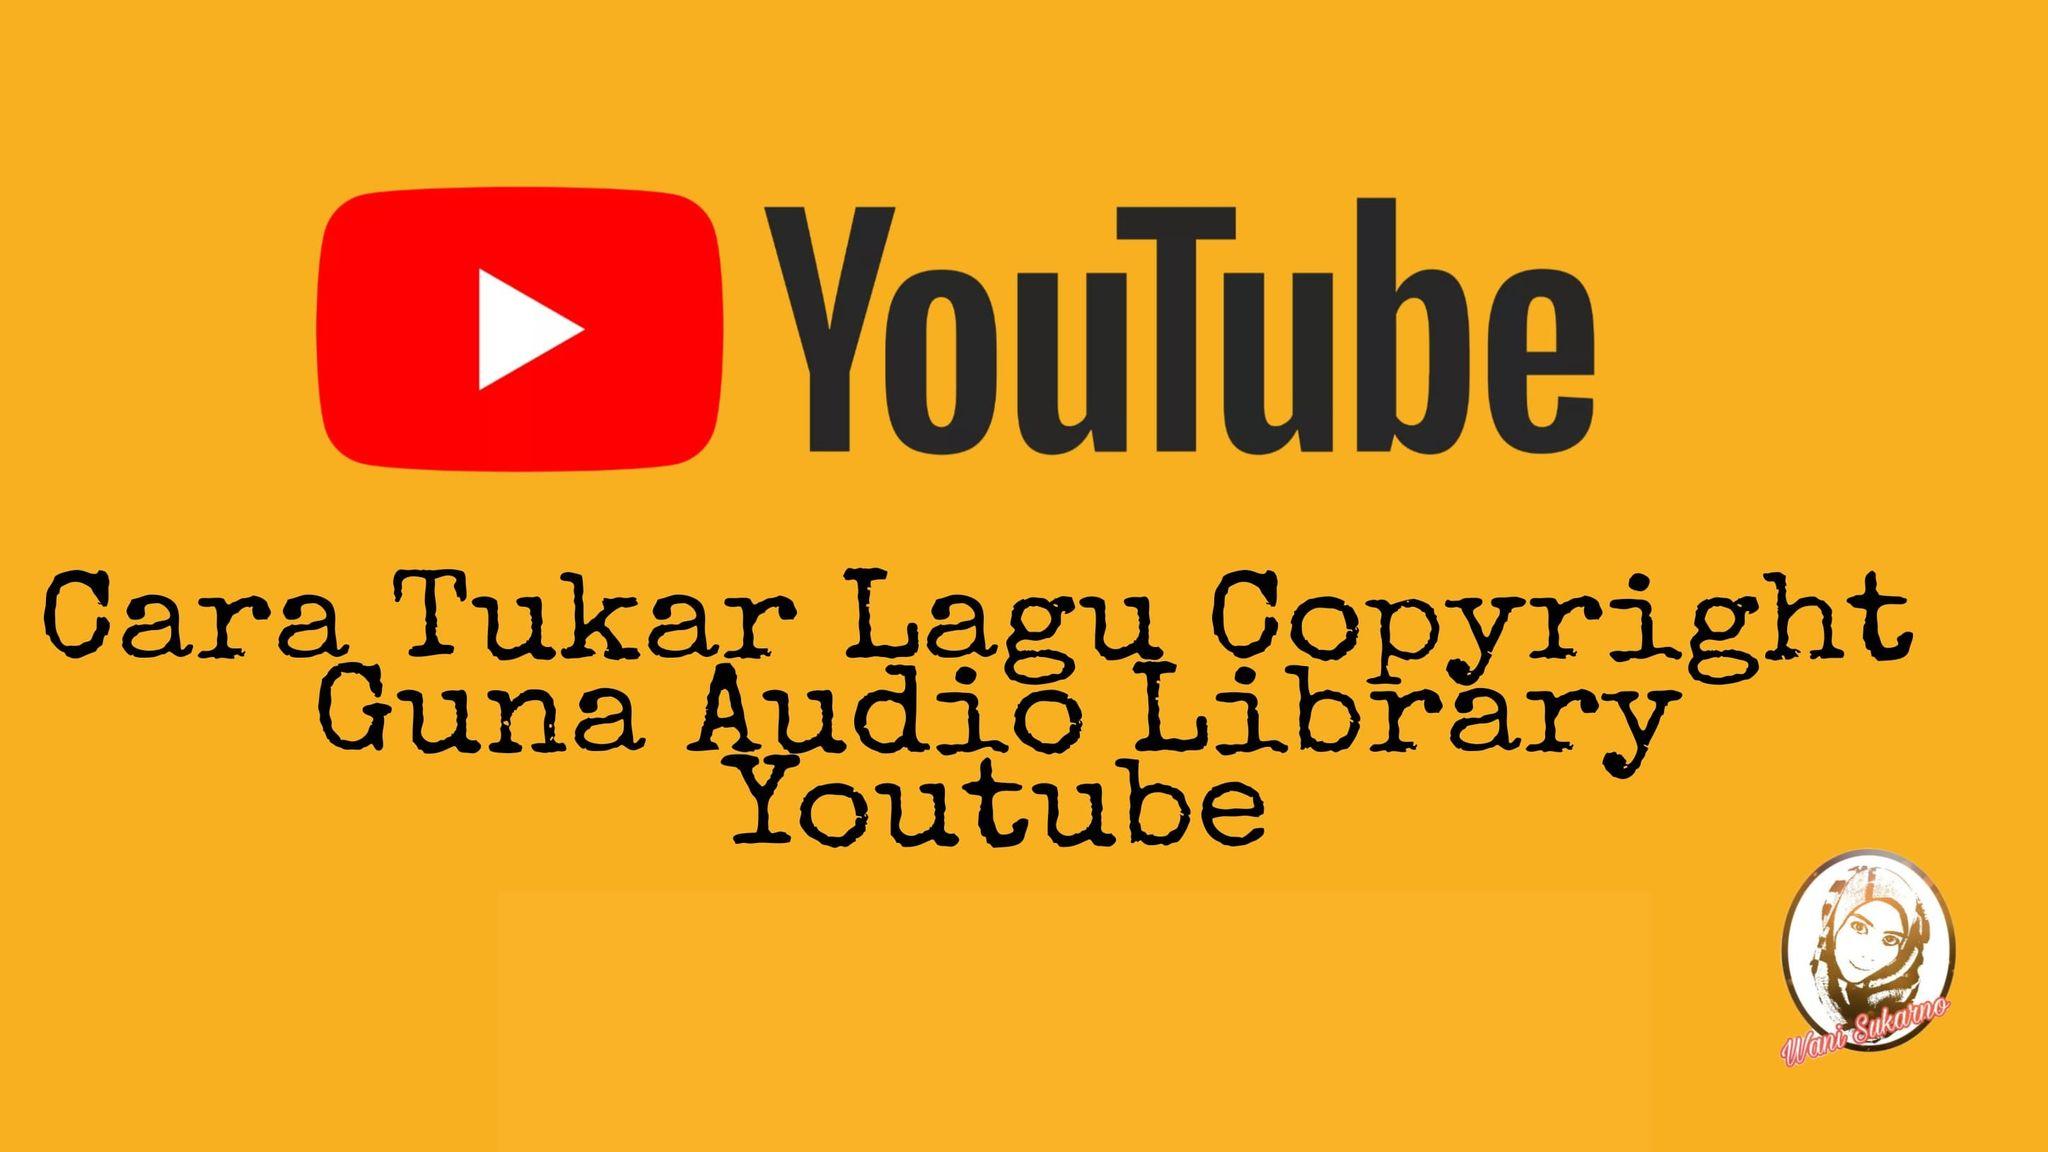 Cara tukar lagu copyright claim